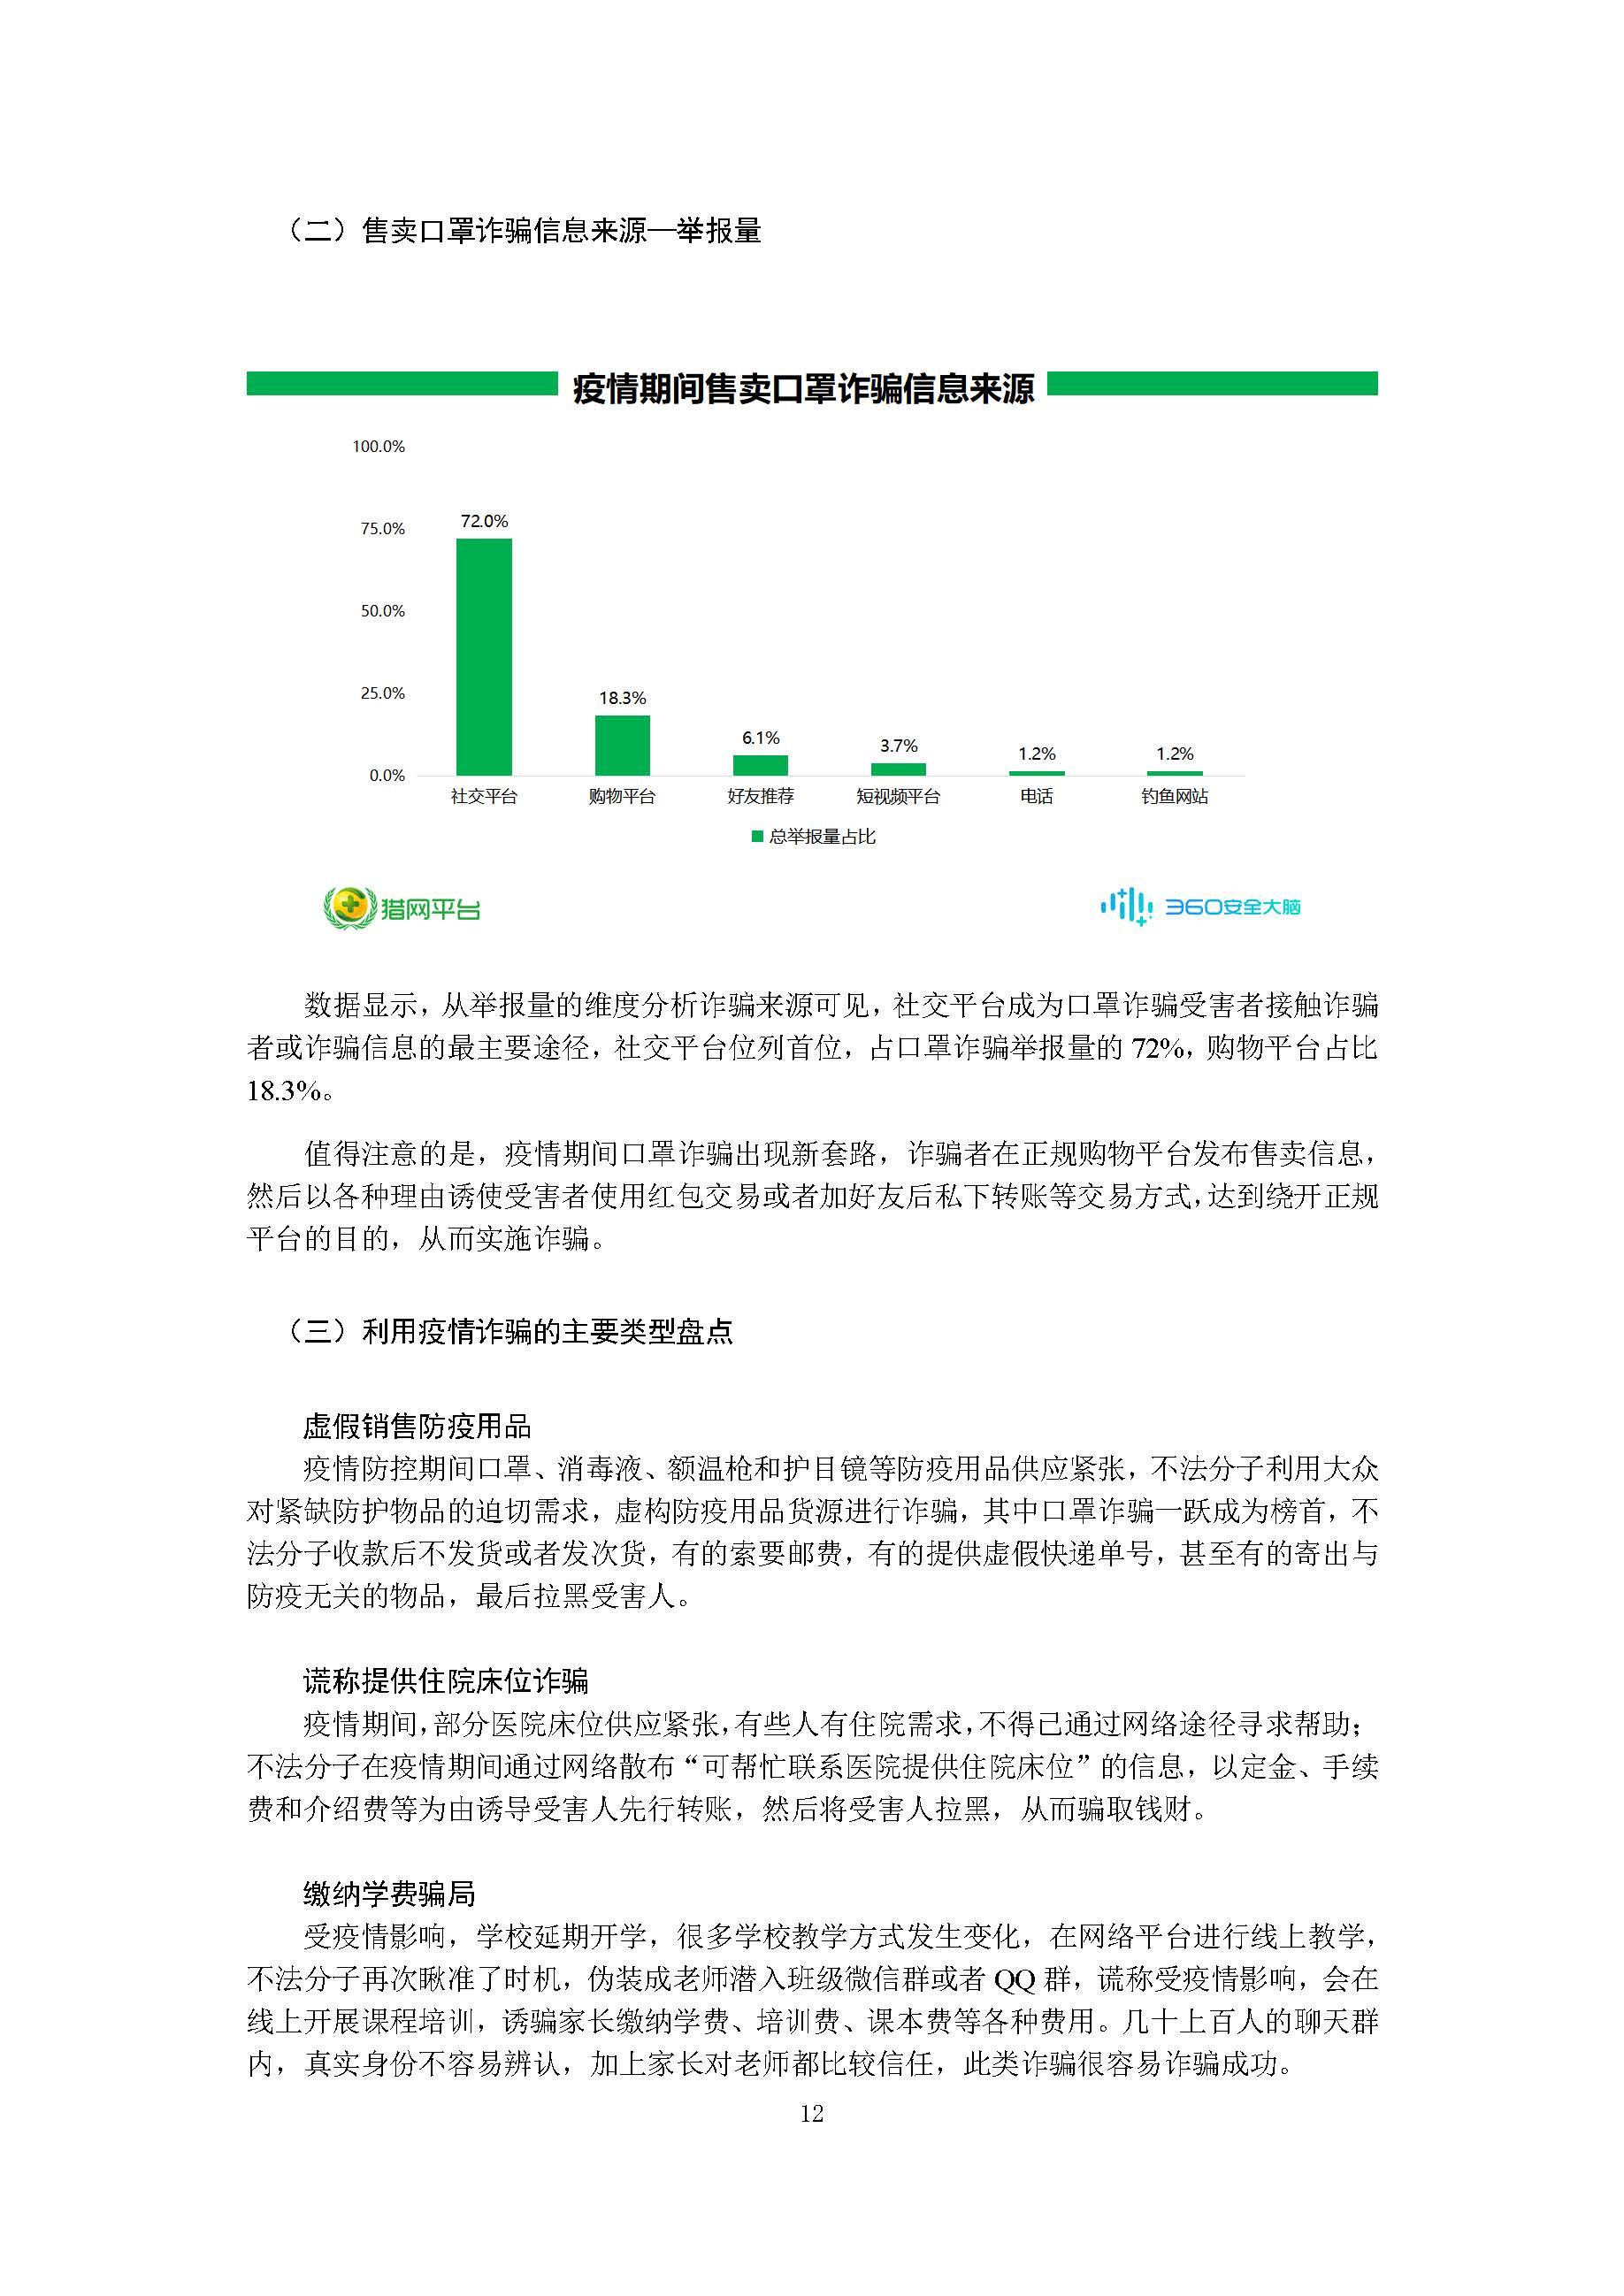 360安全卫士:新冠肺炎疫情期间网络诈骗趋势研究报告